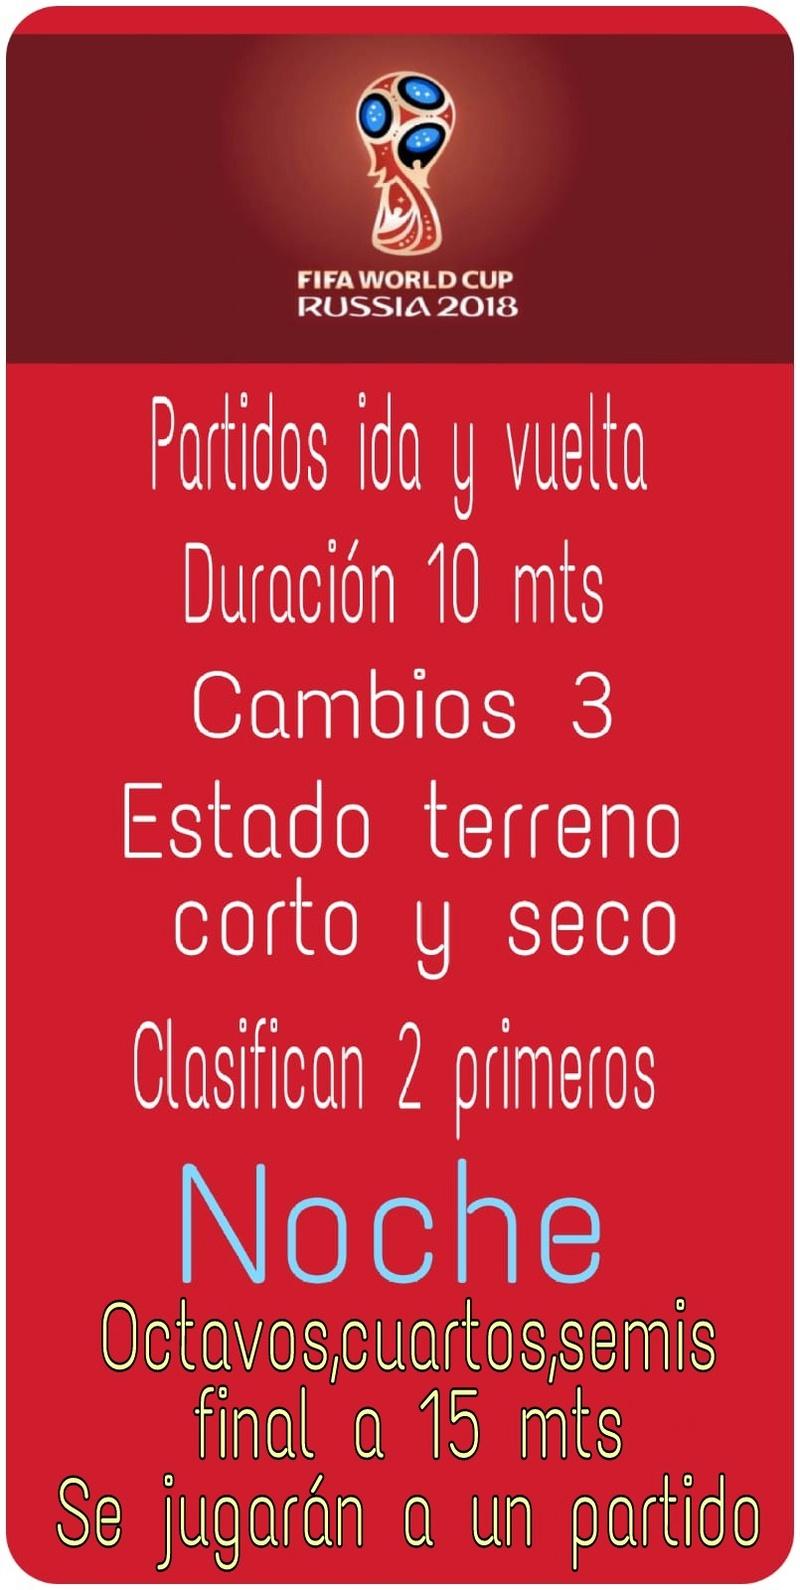 NORMAS MUNDIALITO 2&2 Picsa300